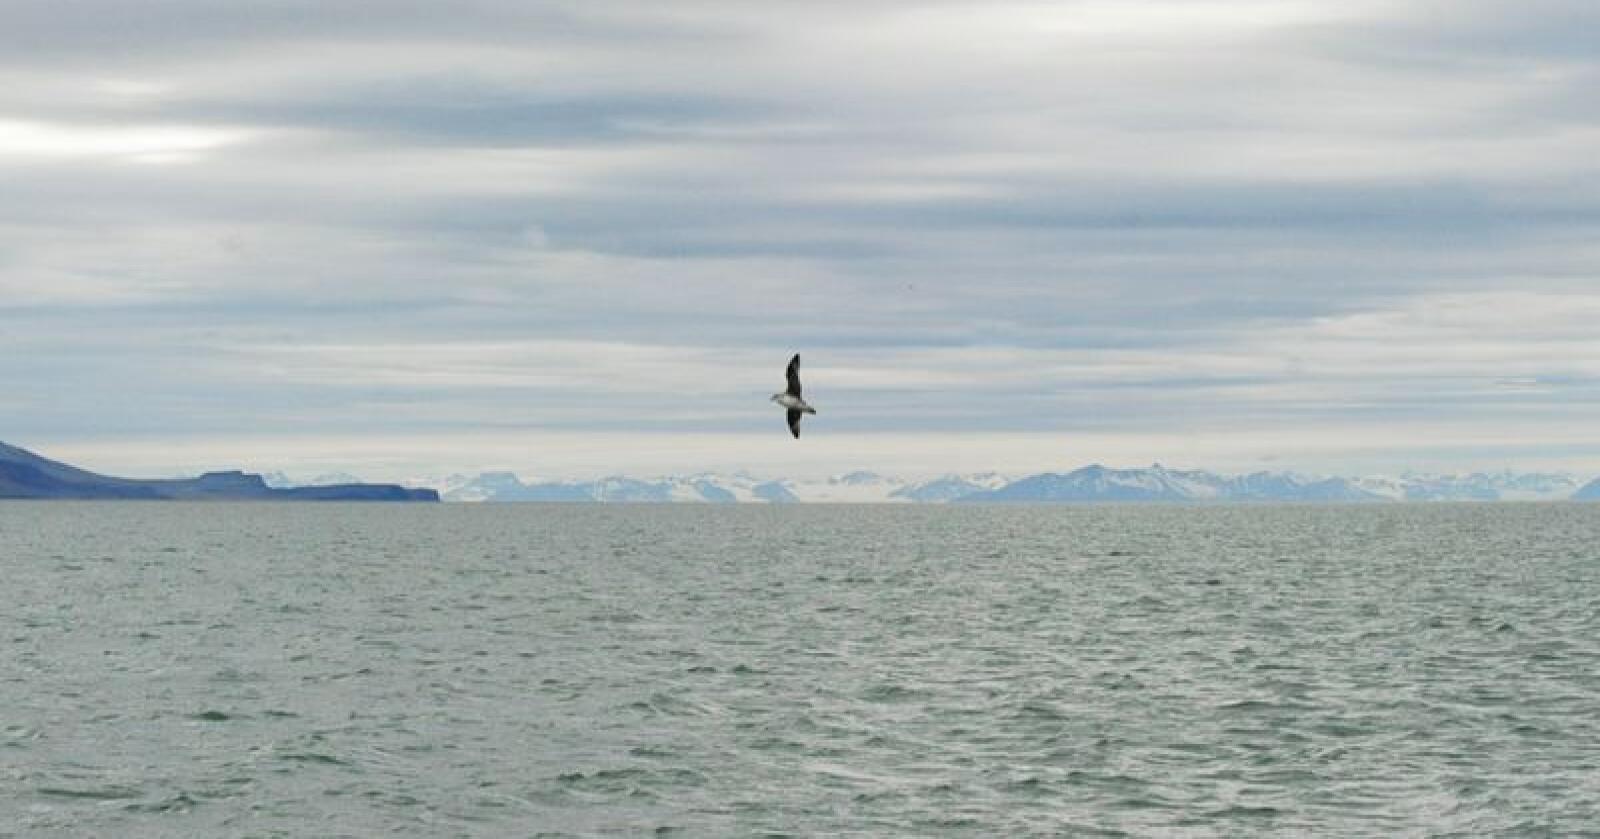 Senteret skal gi et mer helhetlig bilde av hvilke utfordringer og muligheter som venter Nordområdene fremover. Foto: Siri Juell Rasmussen